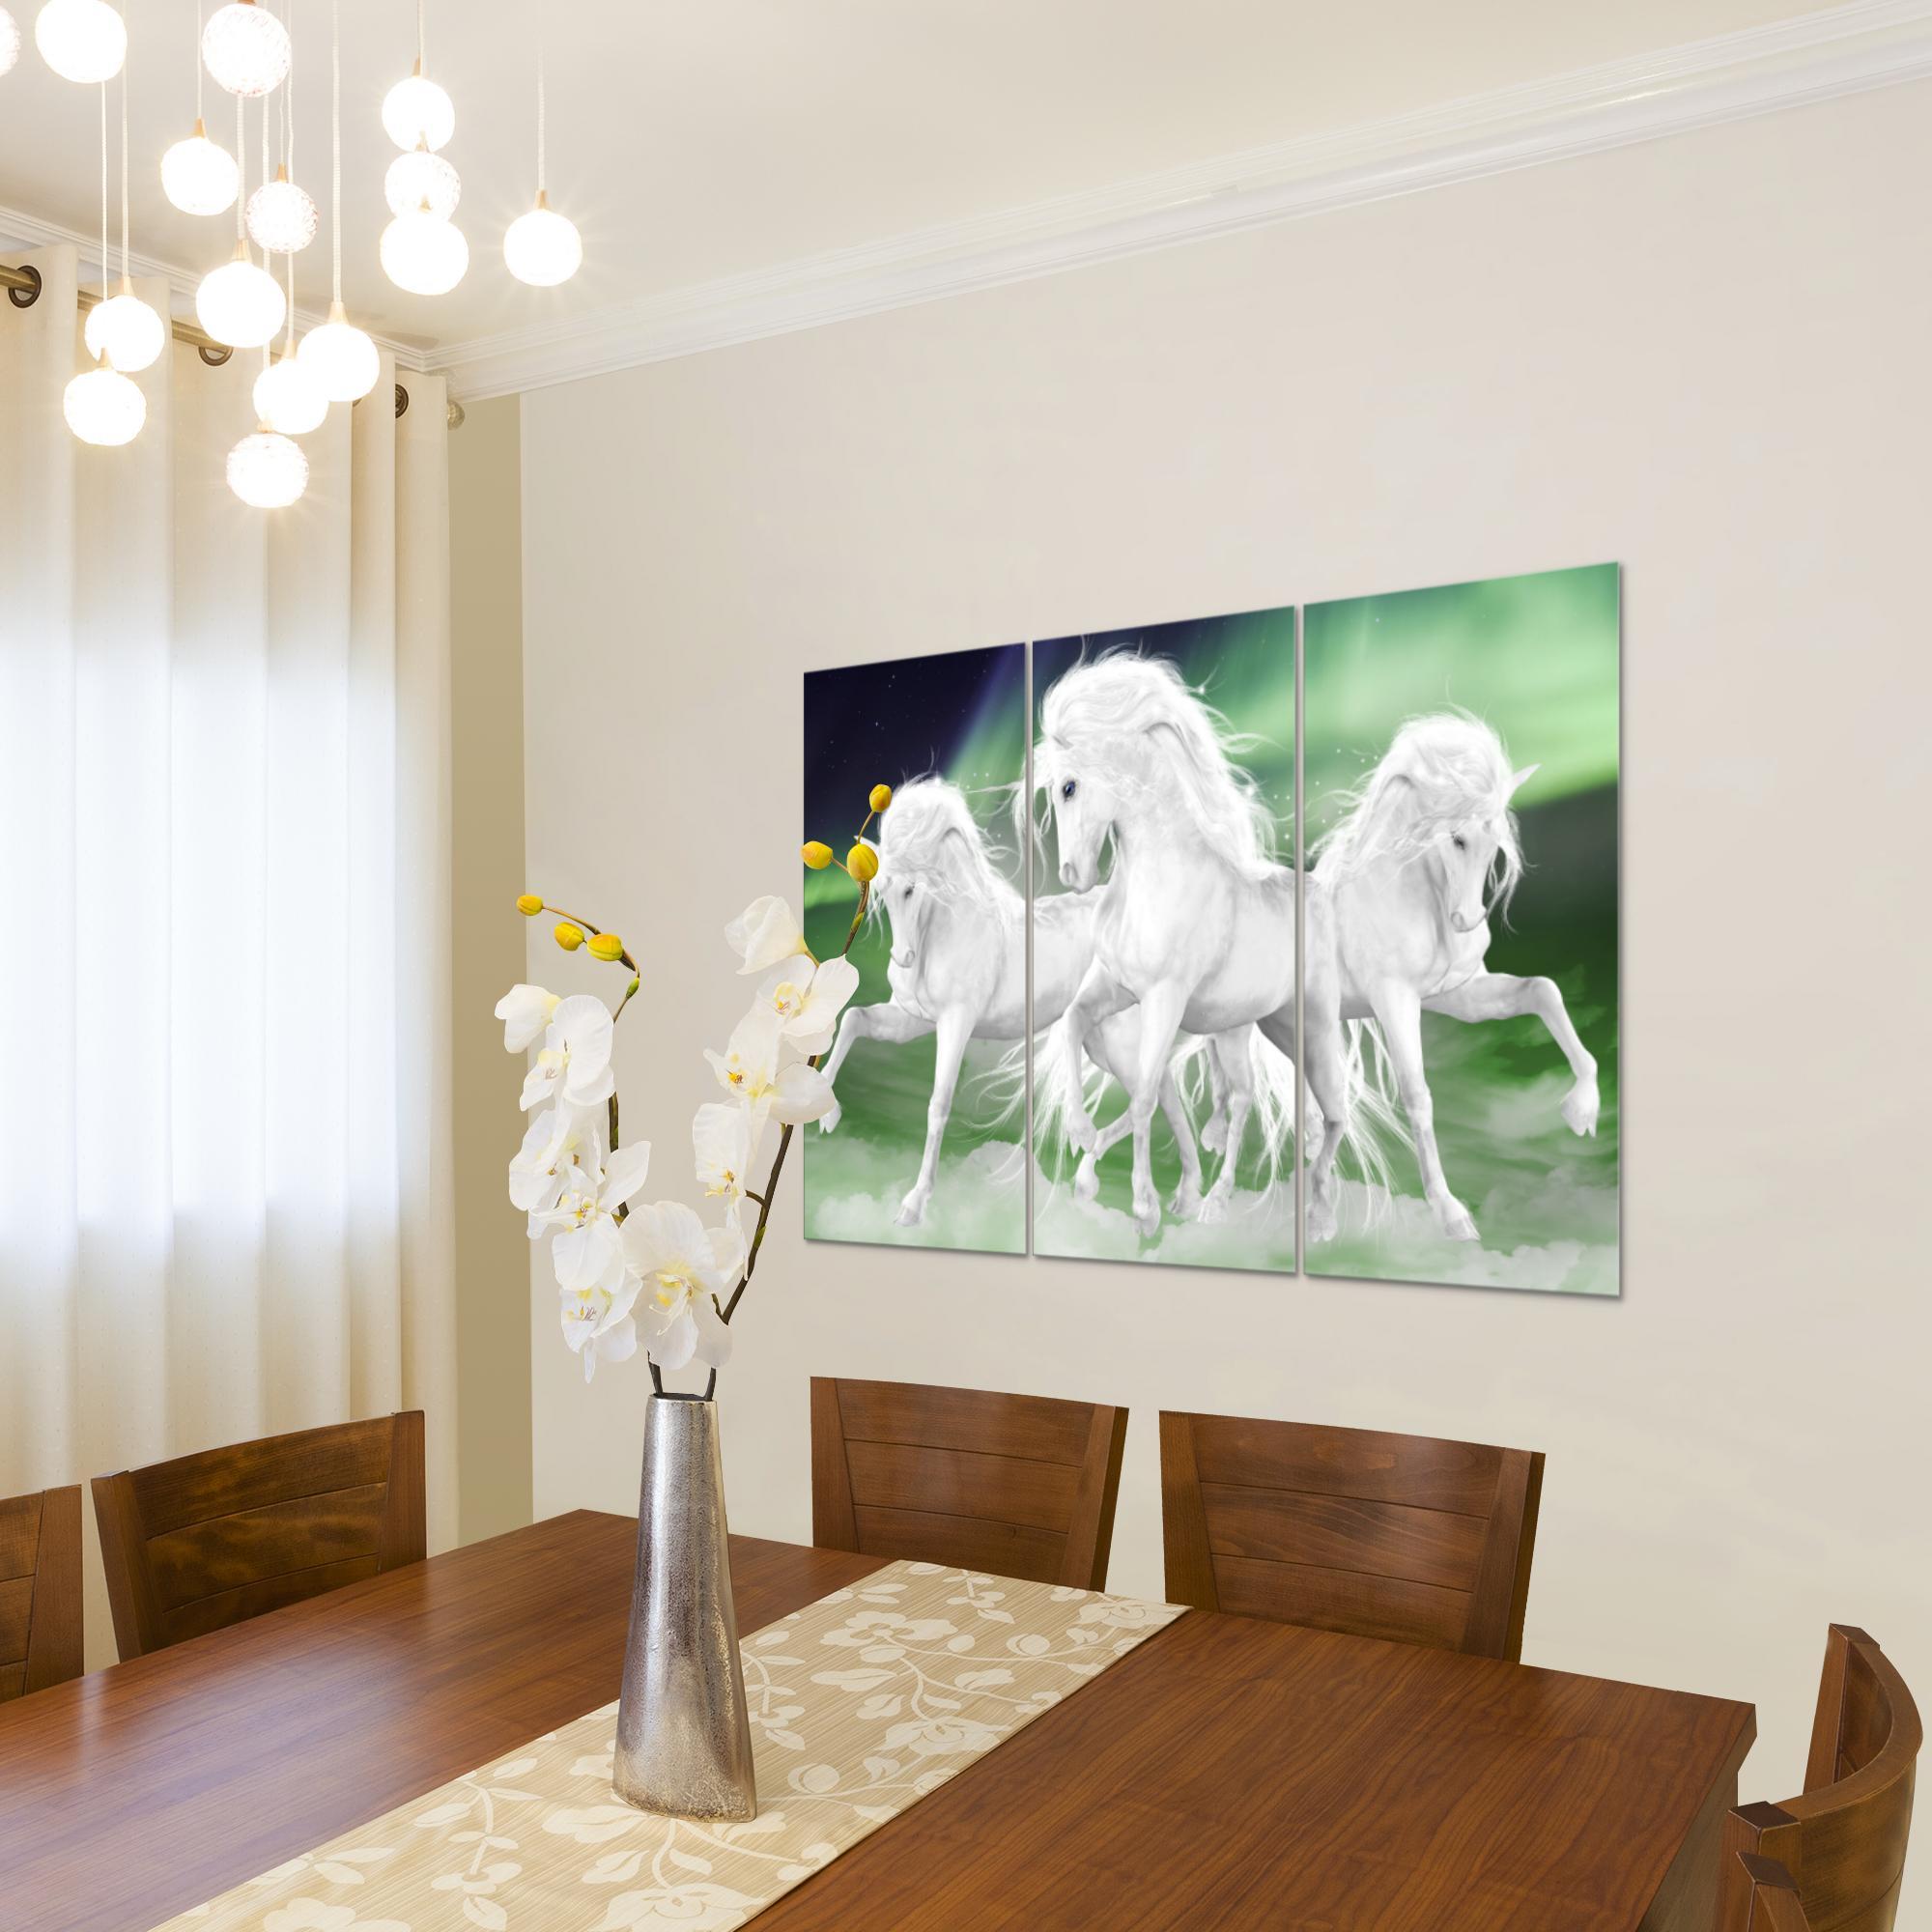 Einhorn bild kunstdruck auf vlies leinwand xxl dekoration 022831p - Einhorn dekoration ...